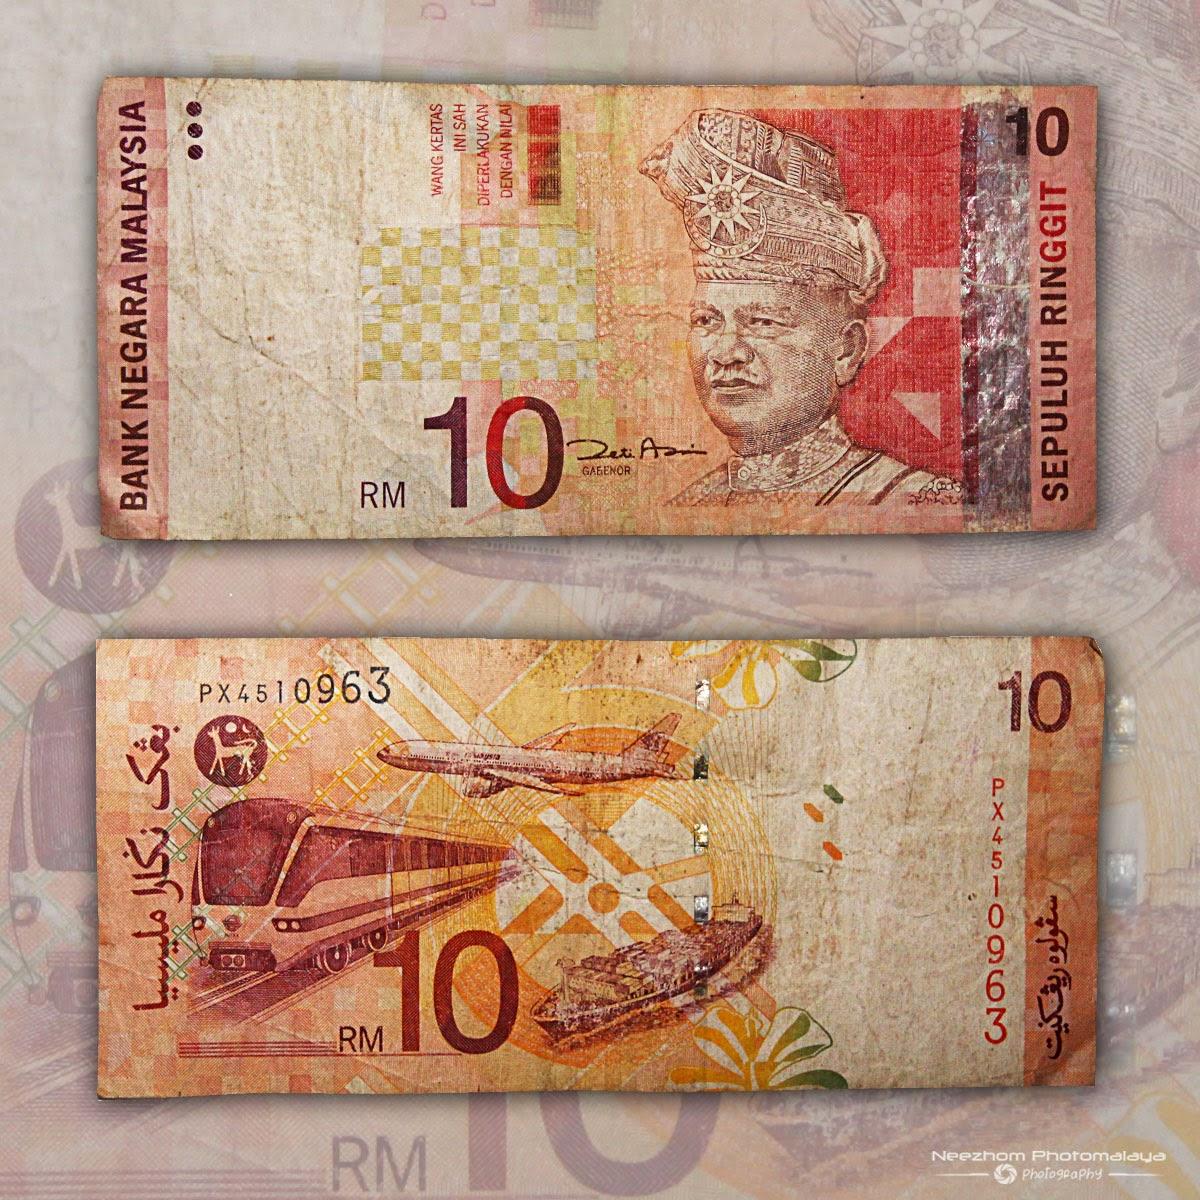 Duit kertas Malaysia 10 Ringgit siri ke 3